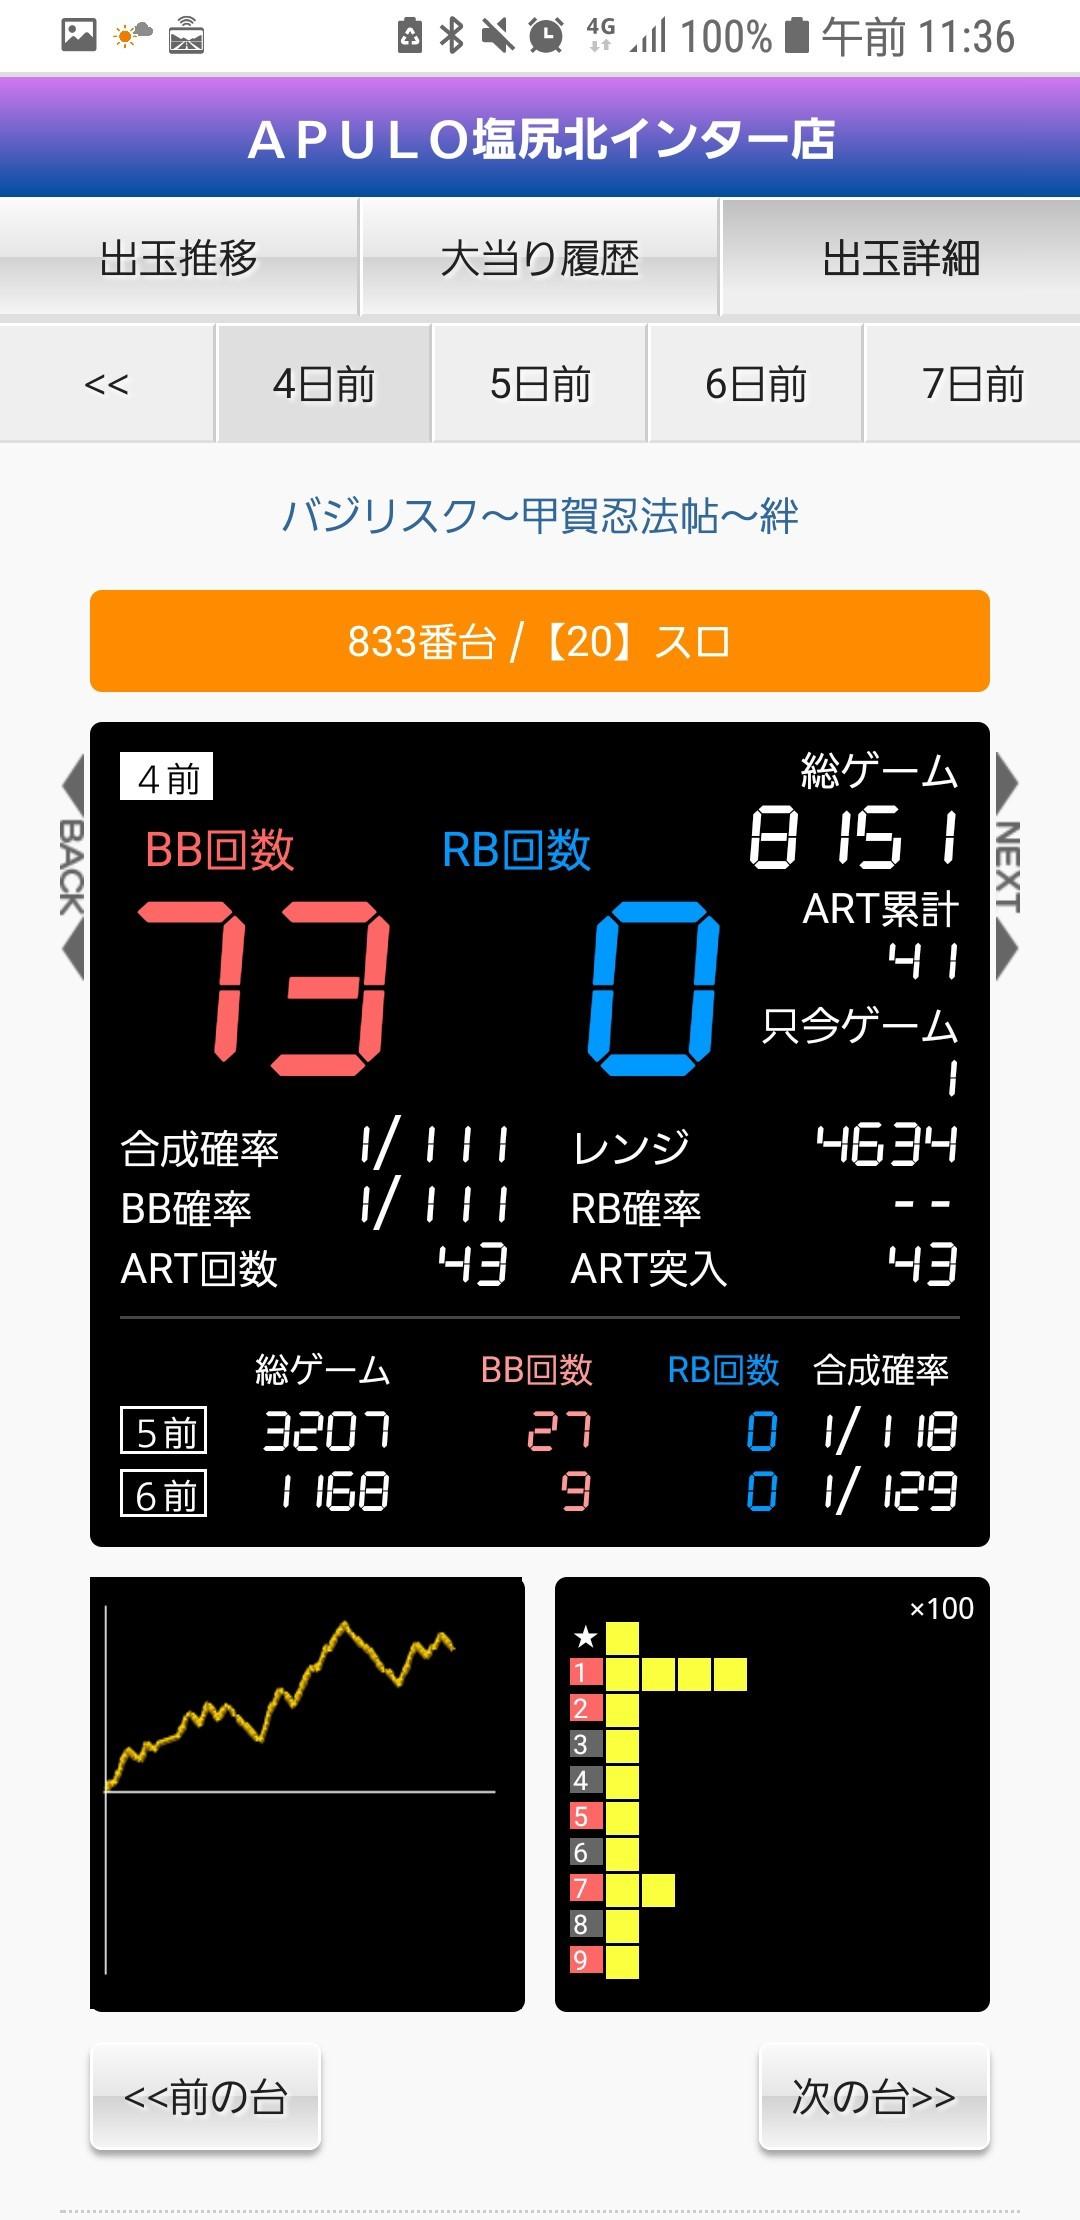 第406回ハズセレ(APULO塩尻北インター店)最終報告